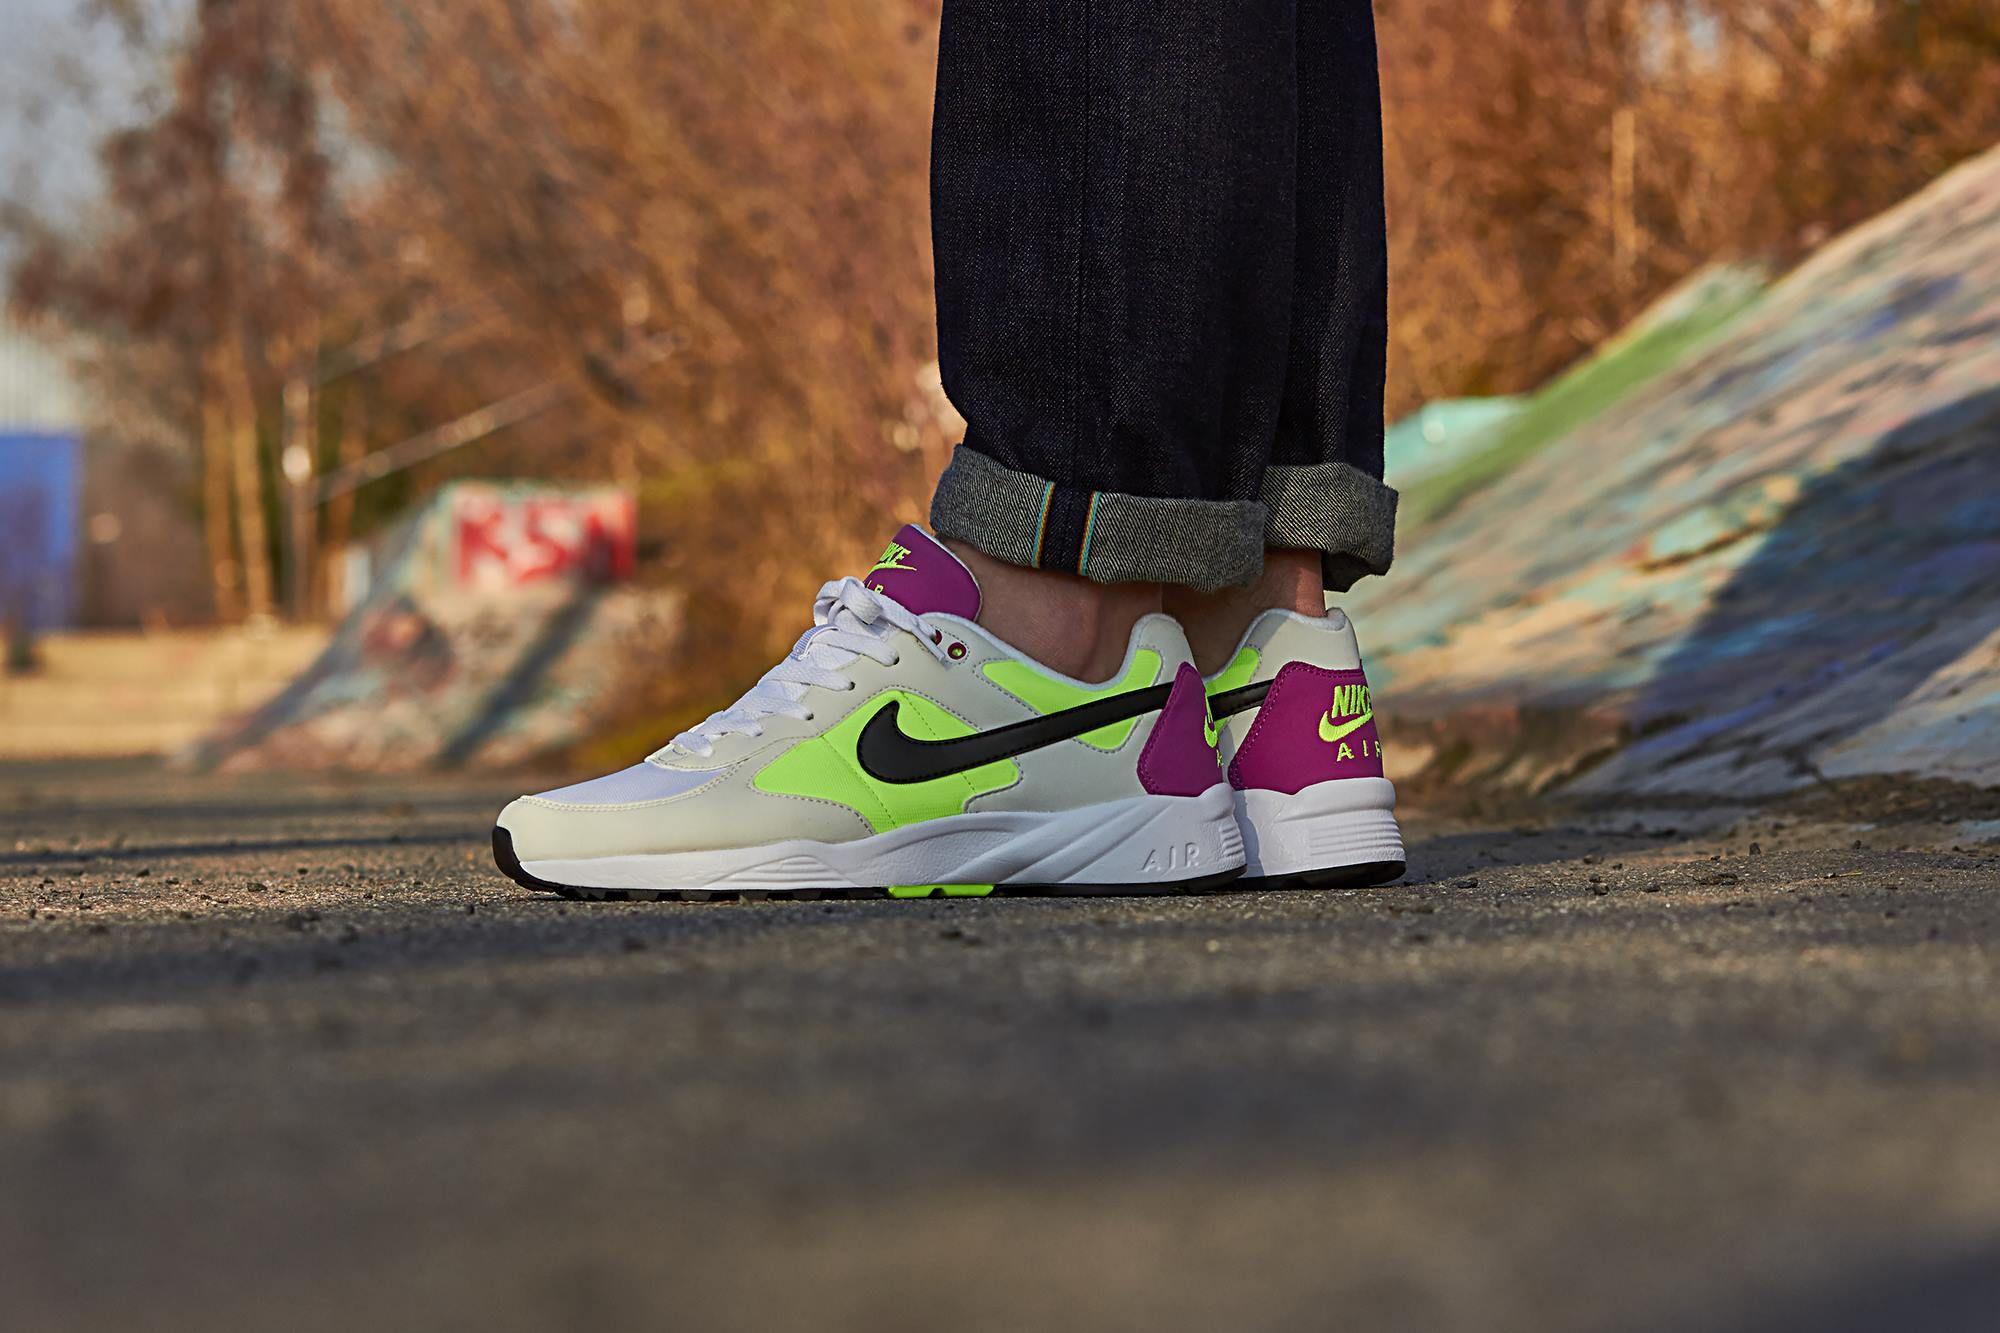 Es ist soweit: Zur aktuellen Saison präsentiert Nike die Rückkehr des Air Icarus im für seine Zeit typischen OG-Colorway. Nike's Air Icarus wurde im Jahr 1991 eingeführt und trat damals in die Fußstapfen des Air Pegasus.